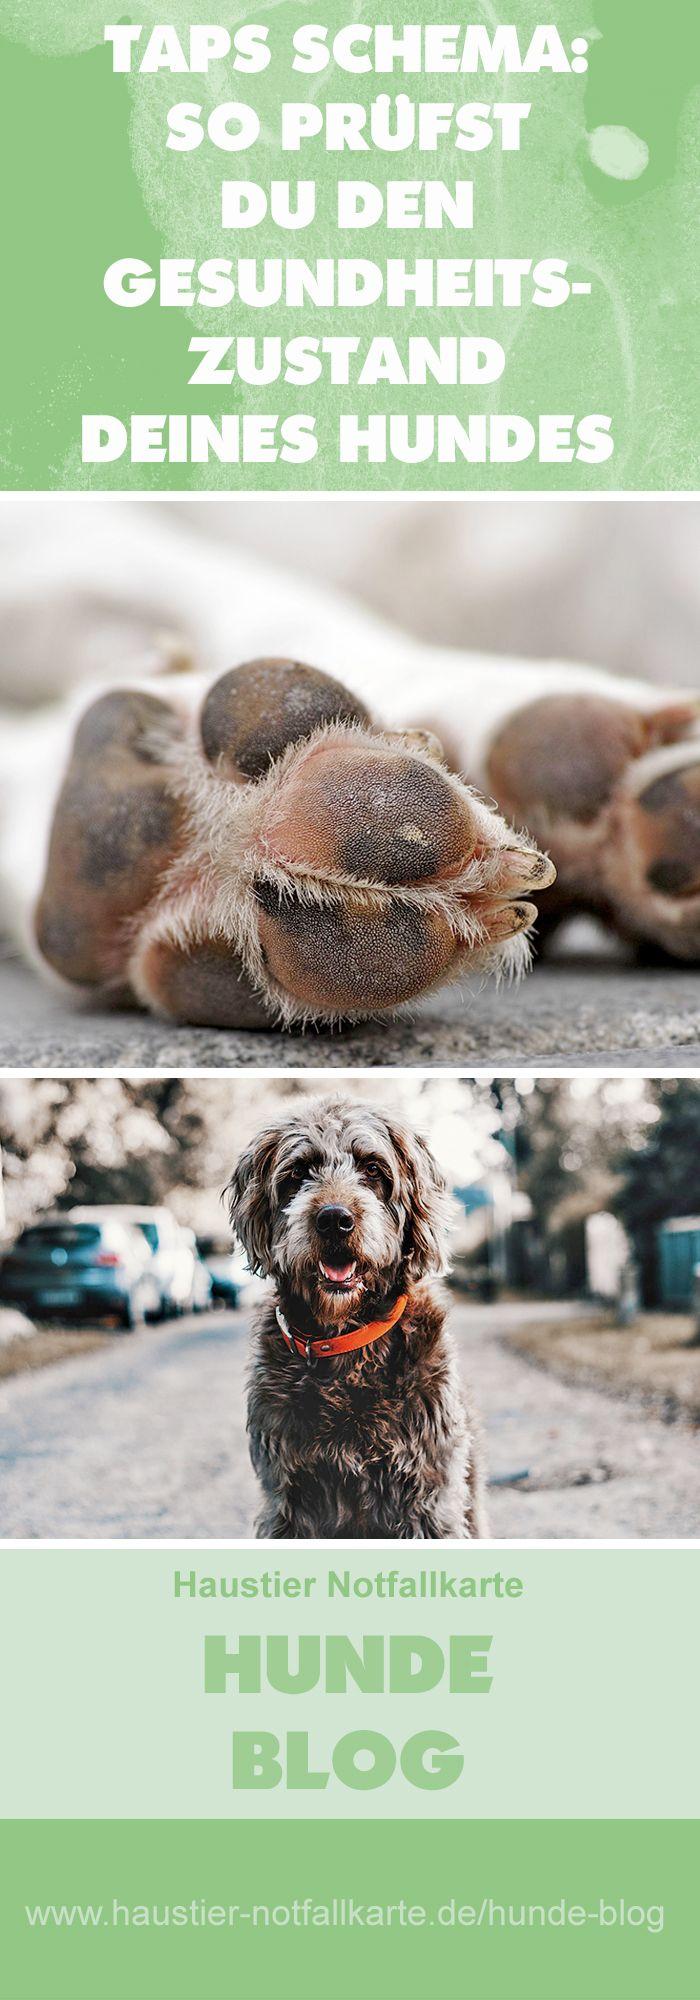 TAPS Schema: so prüfst Du den Gesundheitszustand deines Hundes! Jetzt im #Haustier #Notfallkarte #Hunde #Blog!